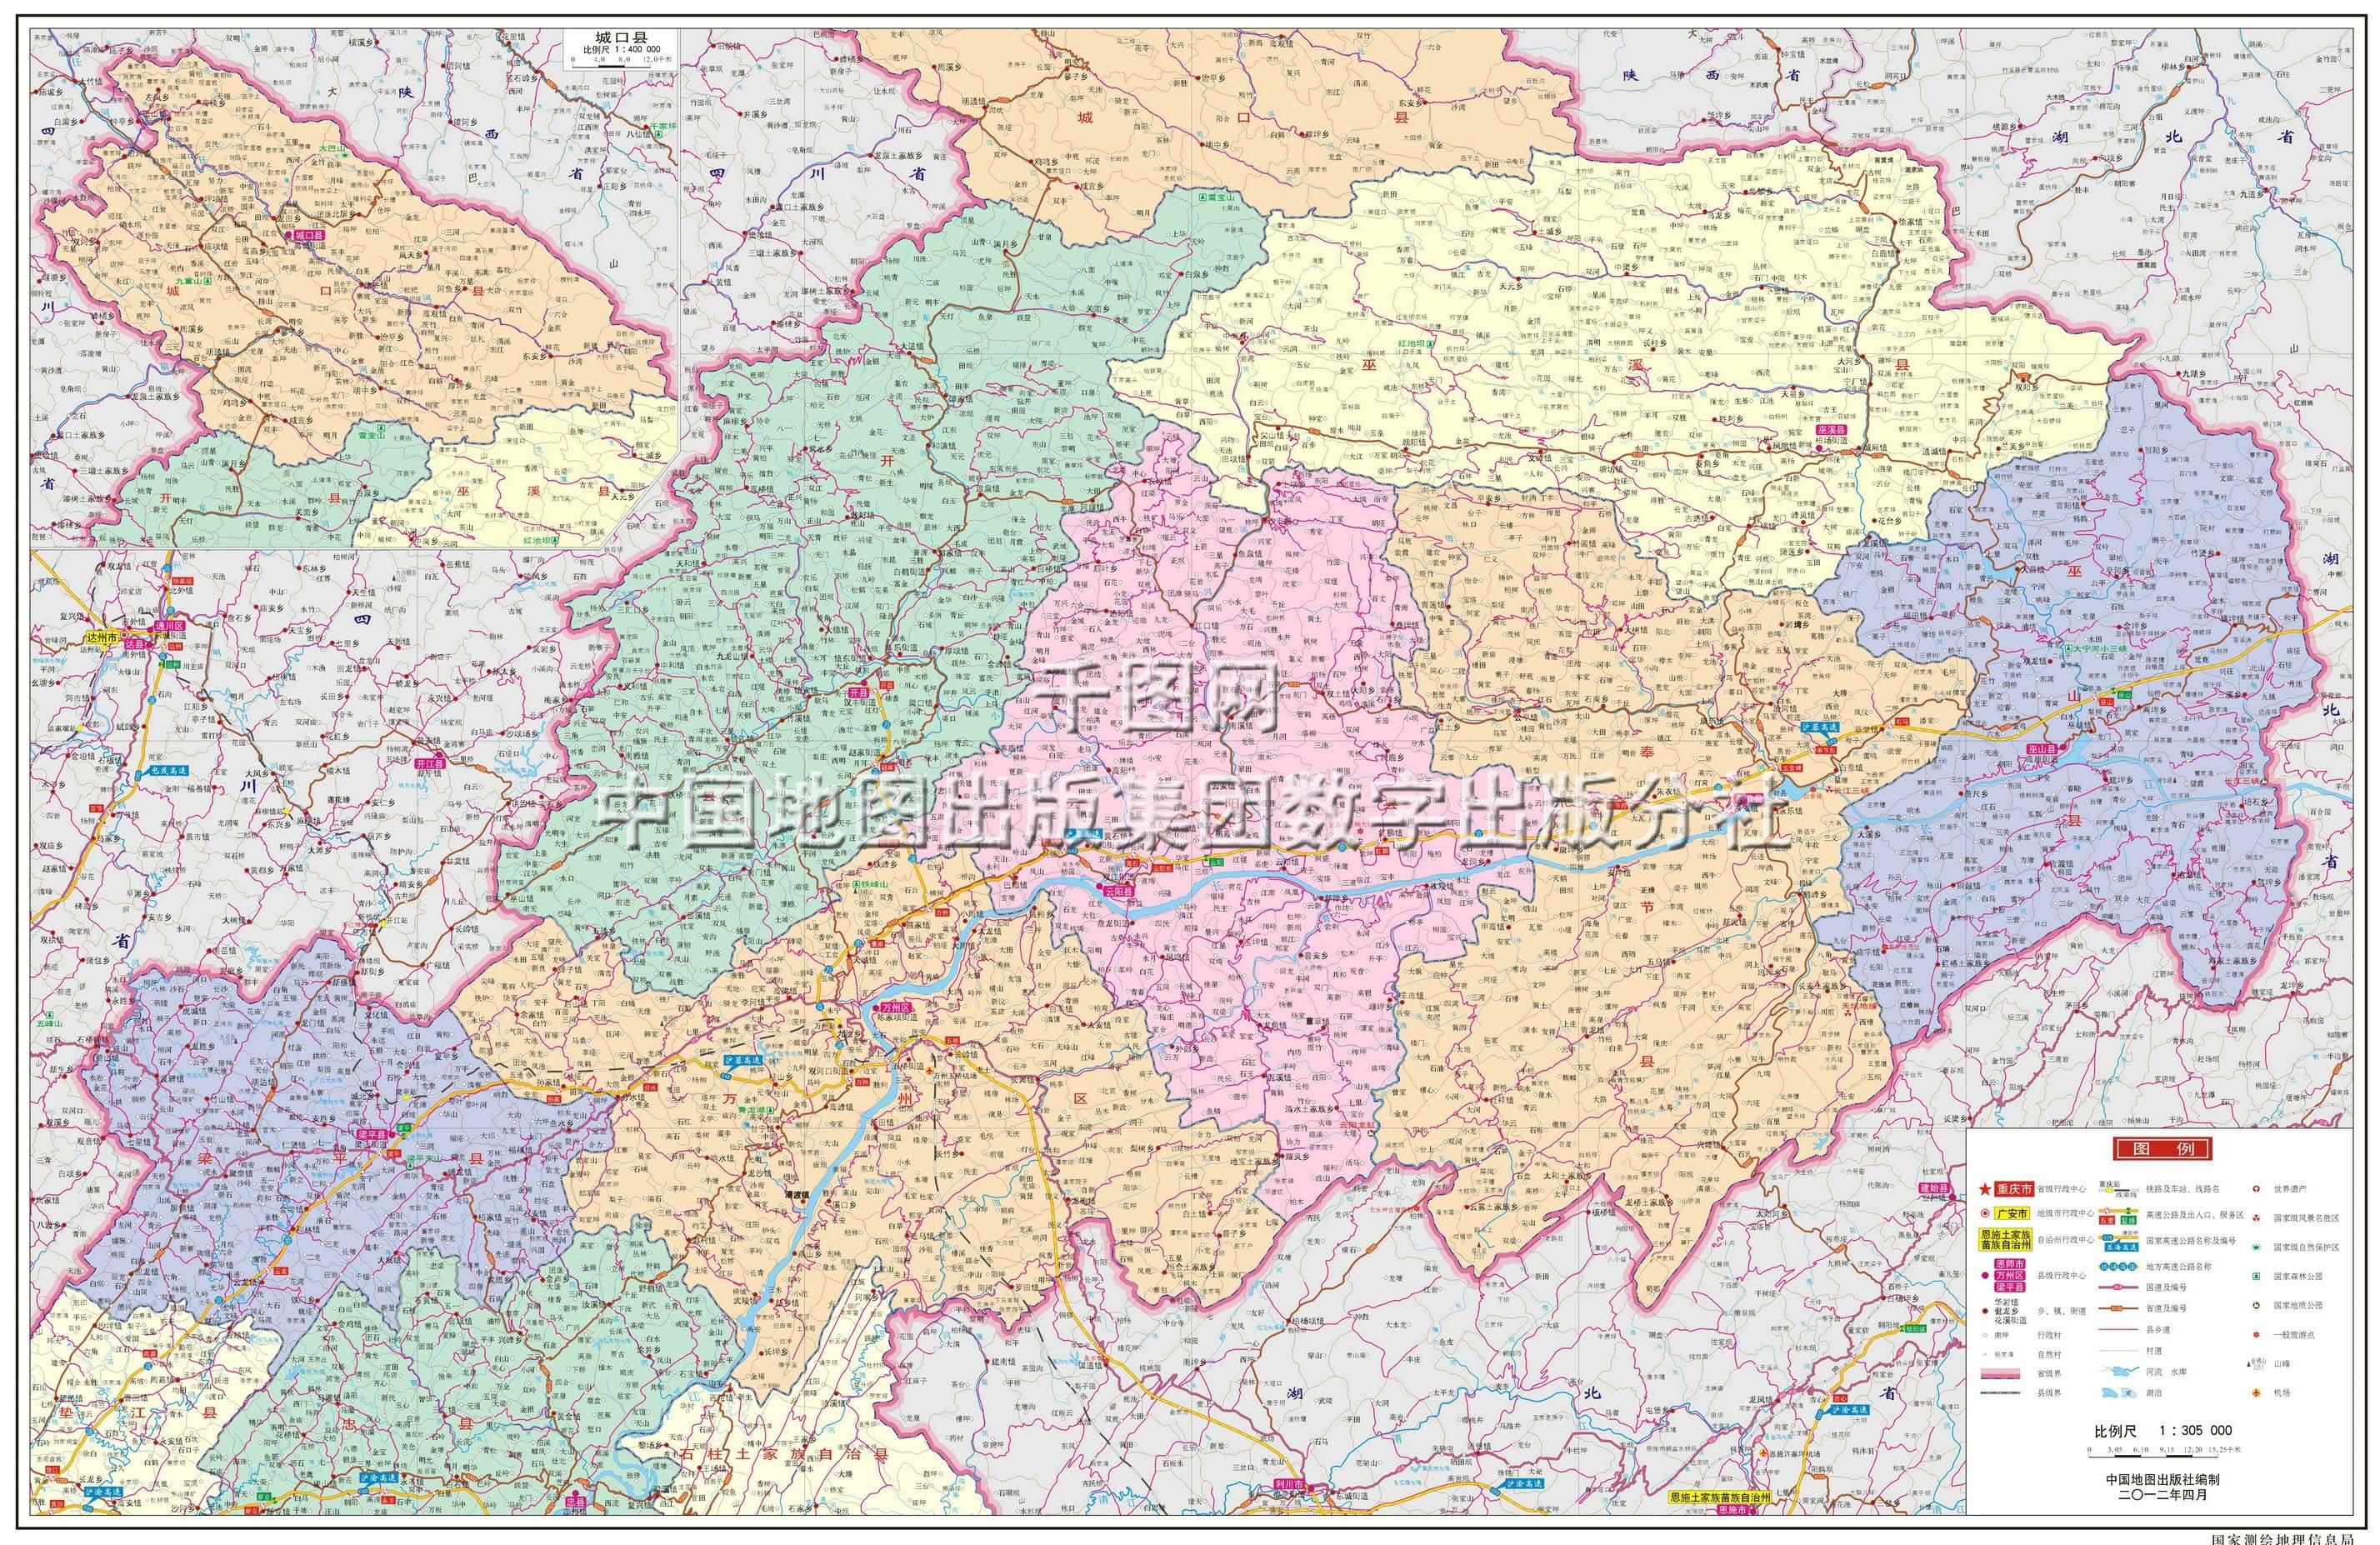 重庆市东北部地图高清版